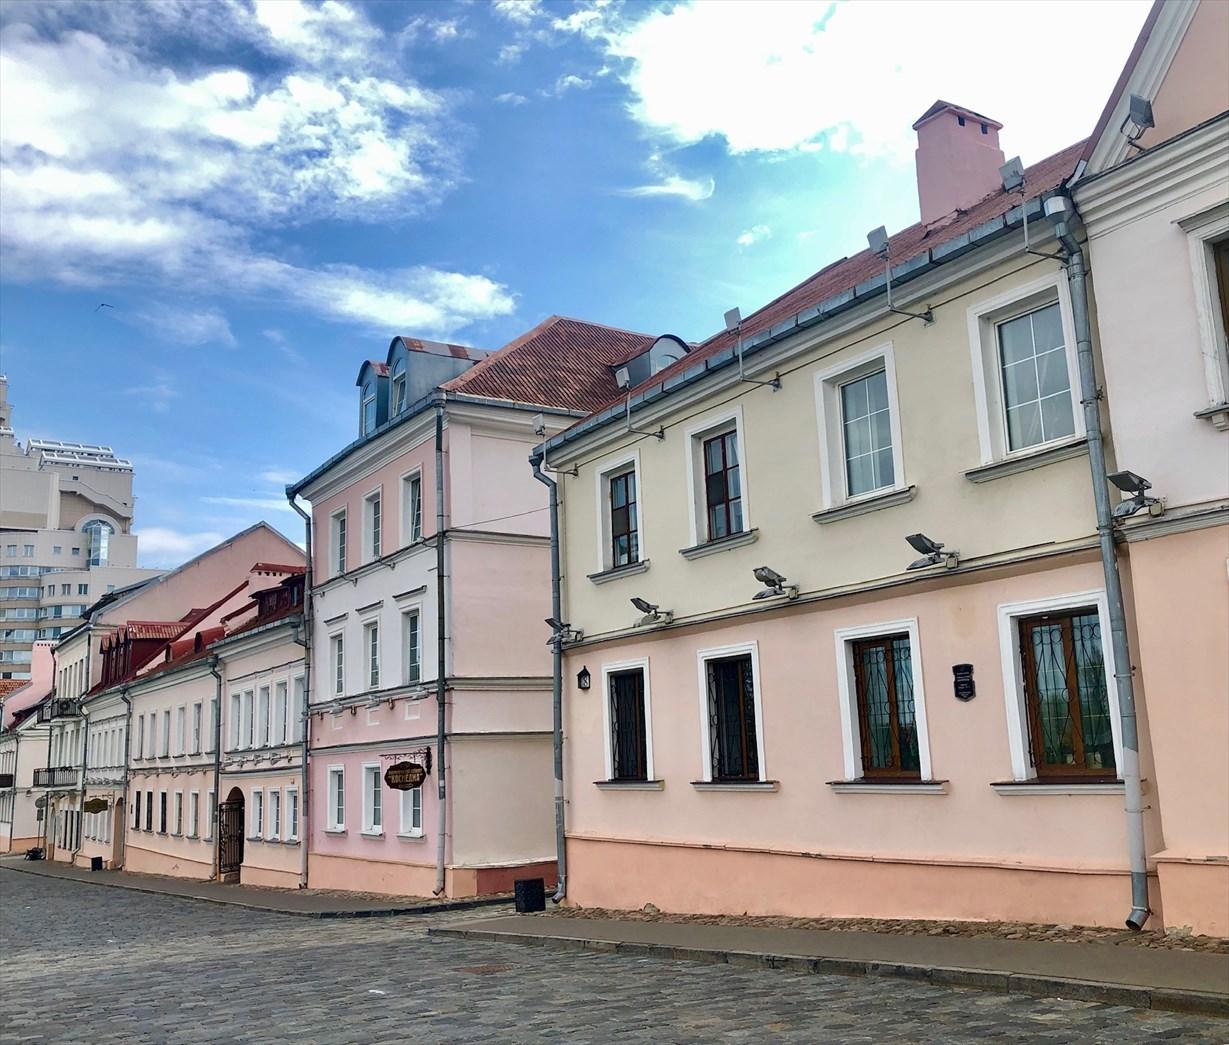 涙の島とトラエツカヤ旧市街地@ミンスク/ベラルーシ_a0092659_17075776.jpg